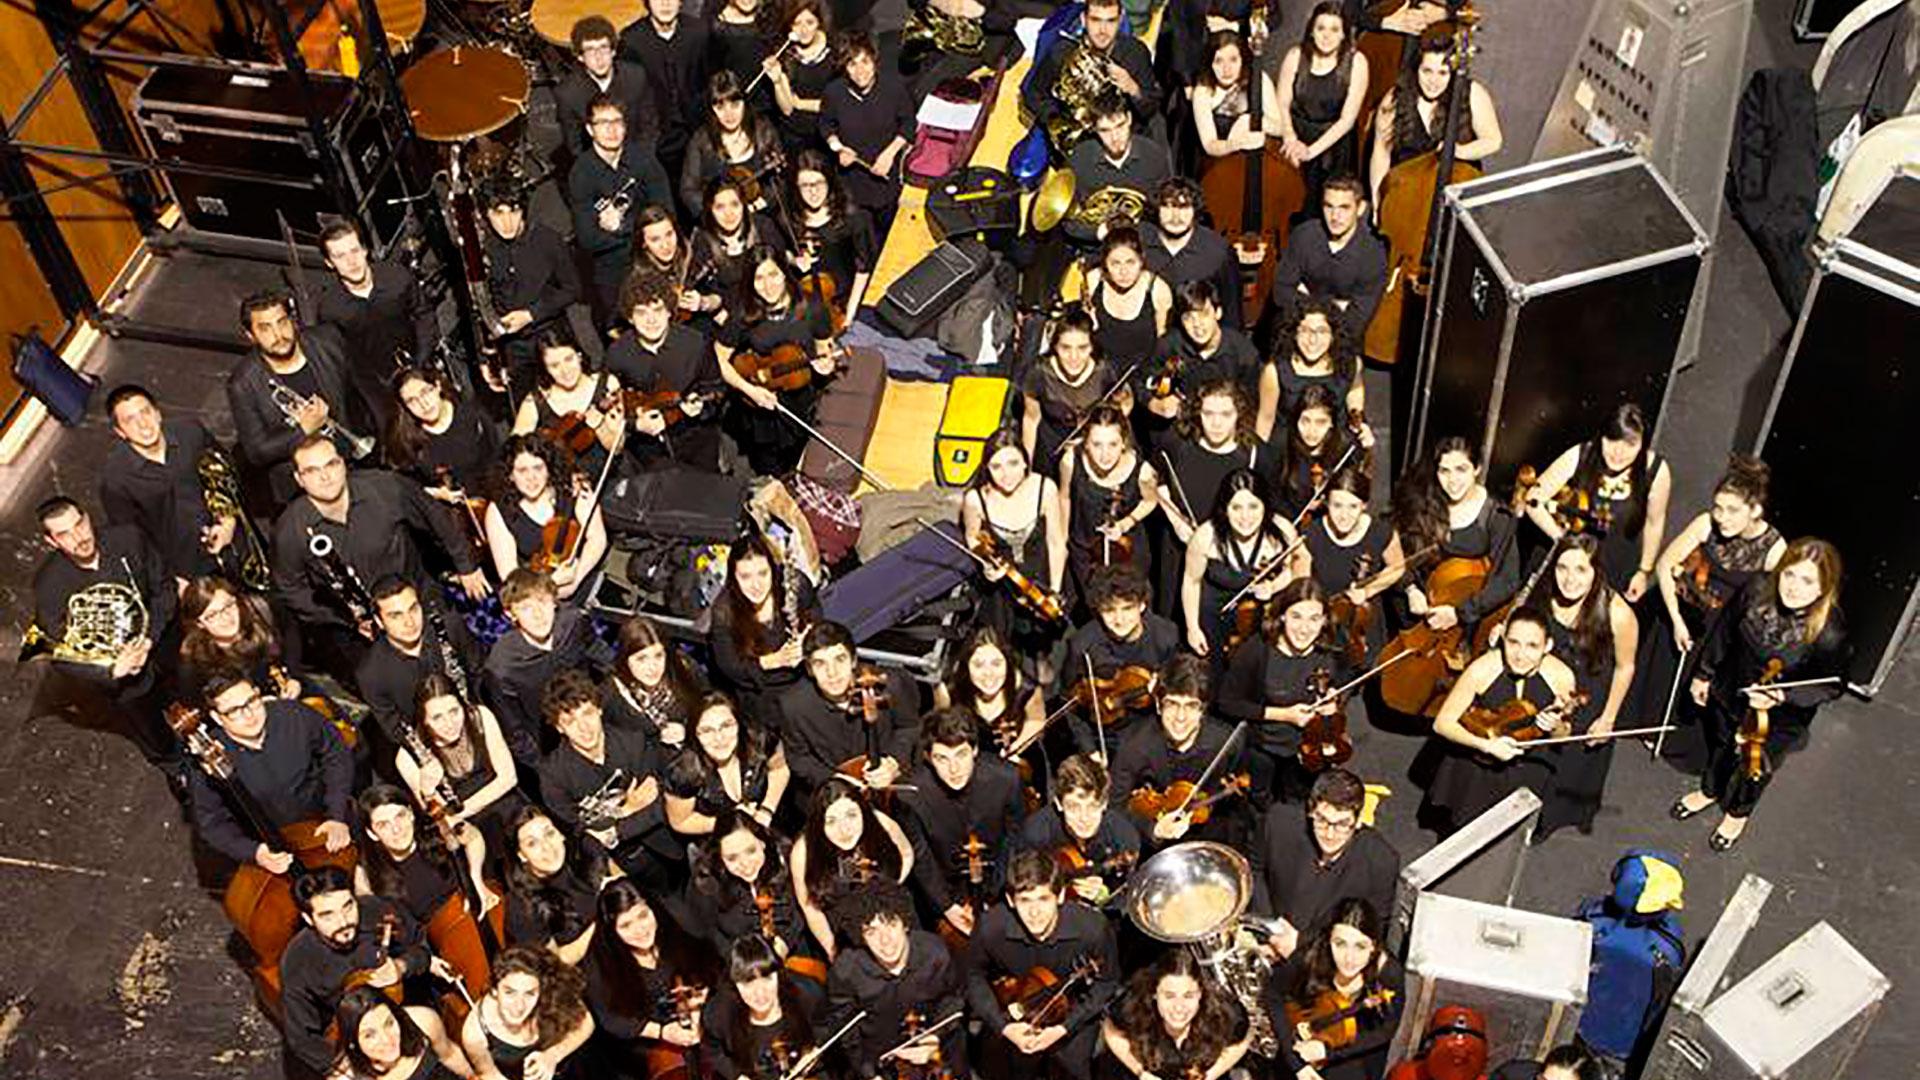 Alberto Zedda dirige la Orquesta Joven de la OSG en los tres conciertos con obras de Brahms, Nielsen y Bruckner con los que culmina su primer encuentro musical de 2016